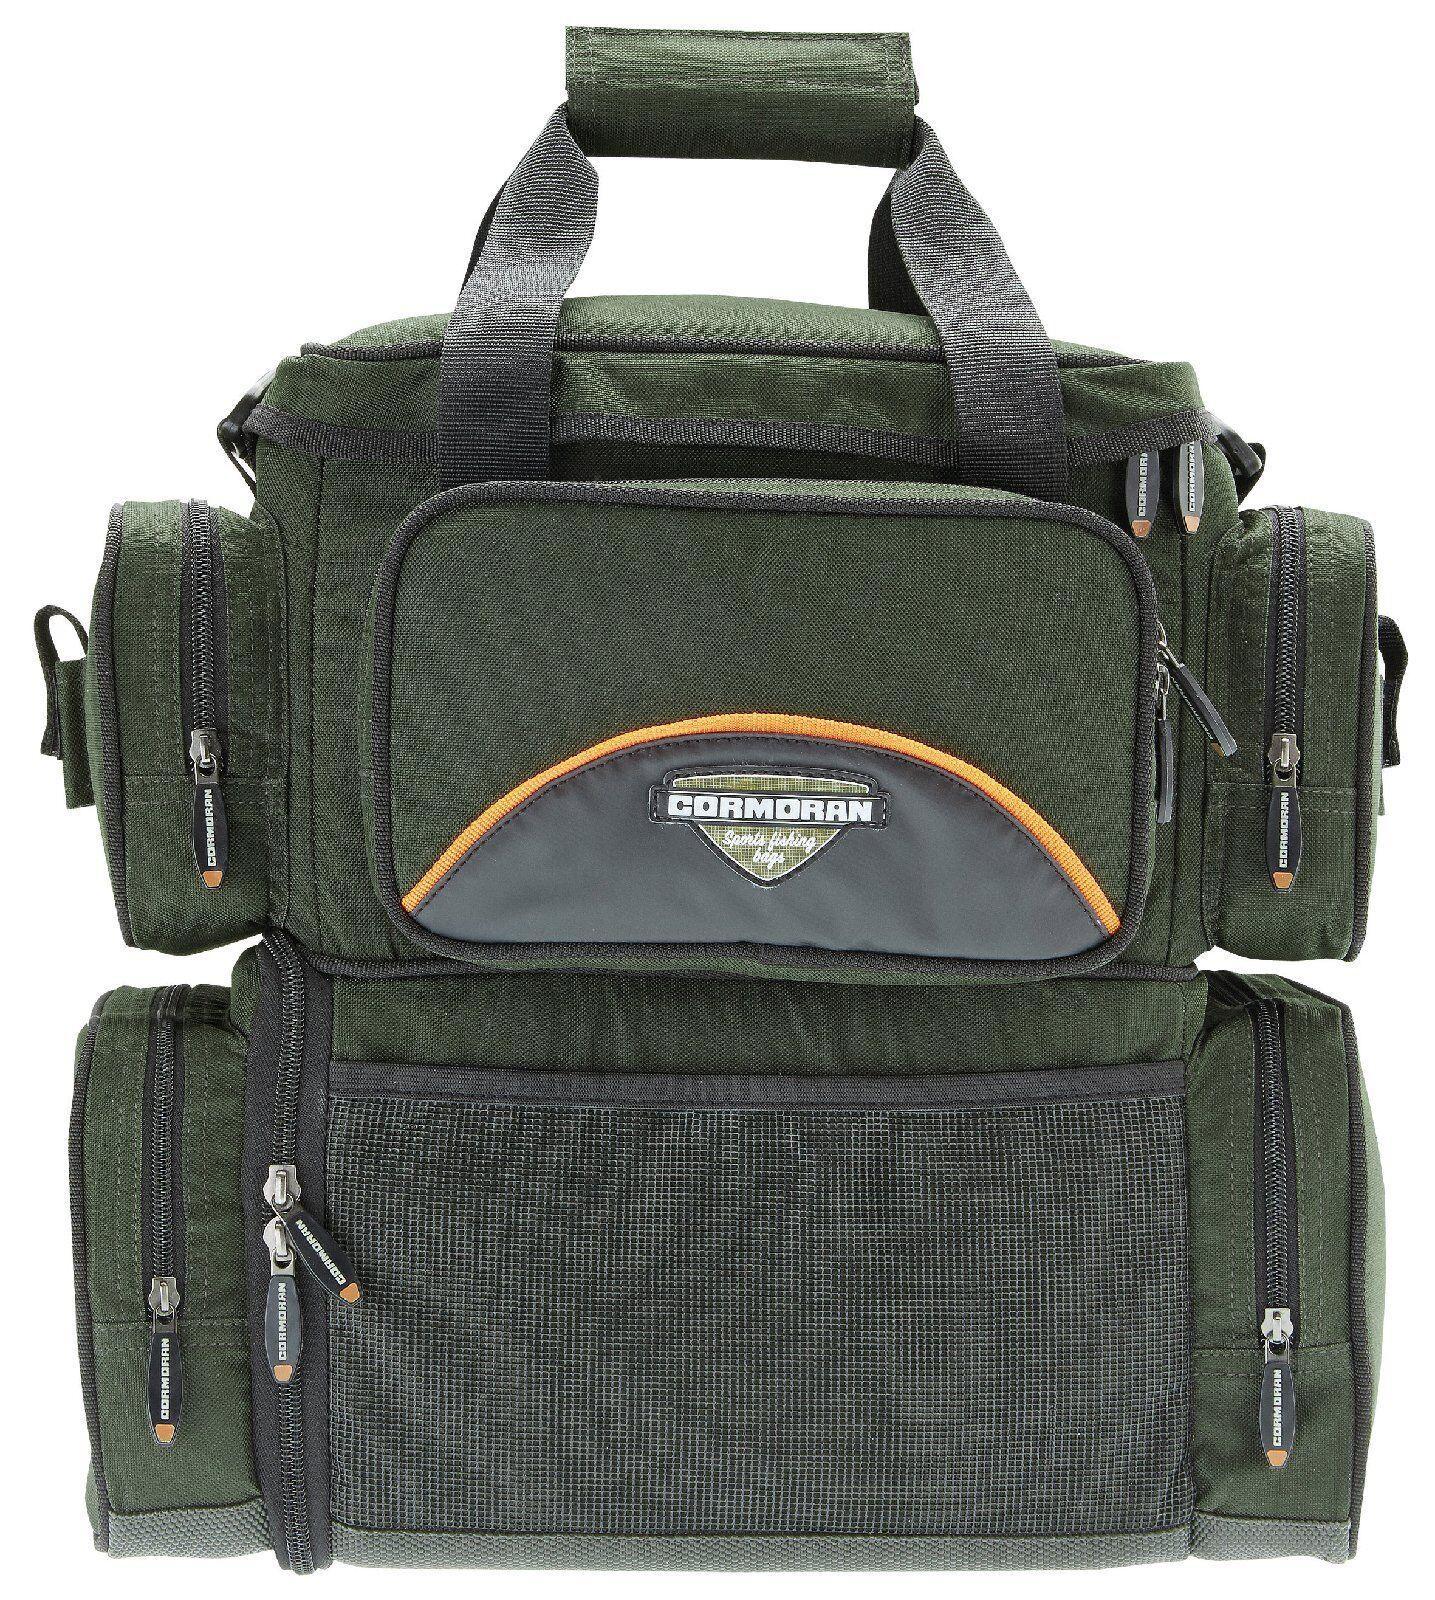 Cormoran Kunstködertasche Modell  5004, 40x24x39cm, 65-05004  professional integrated online shopping mall